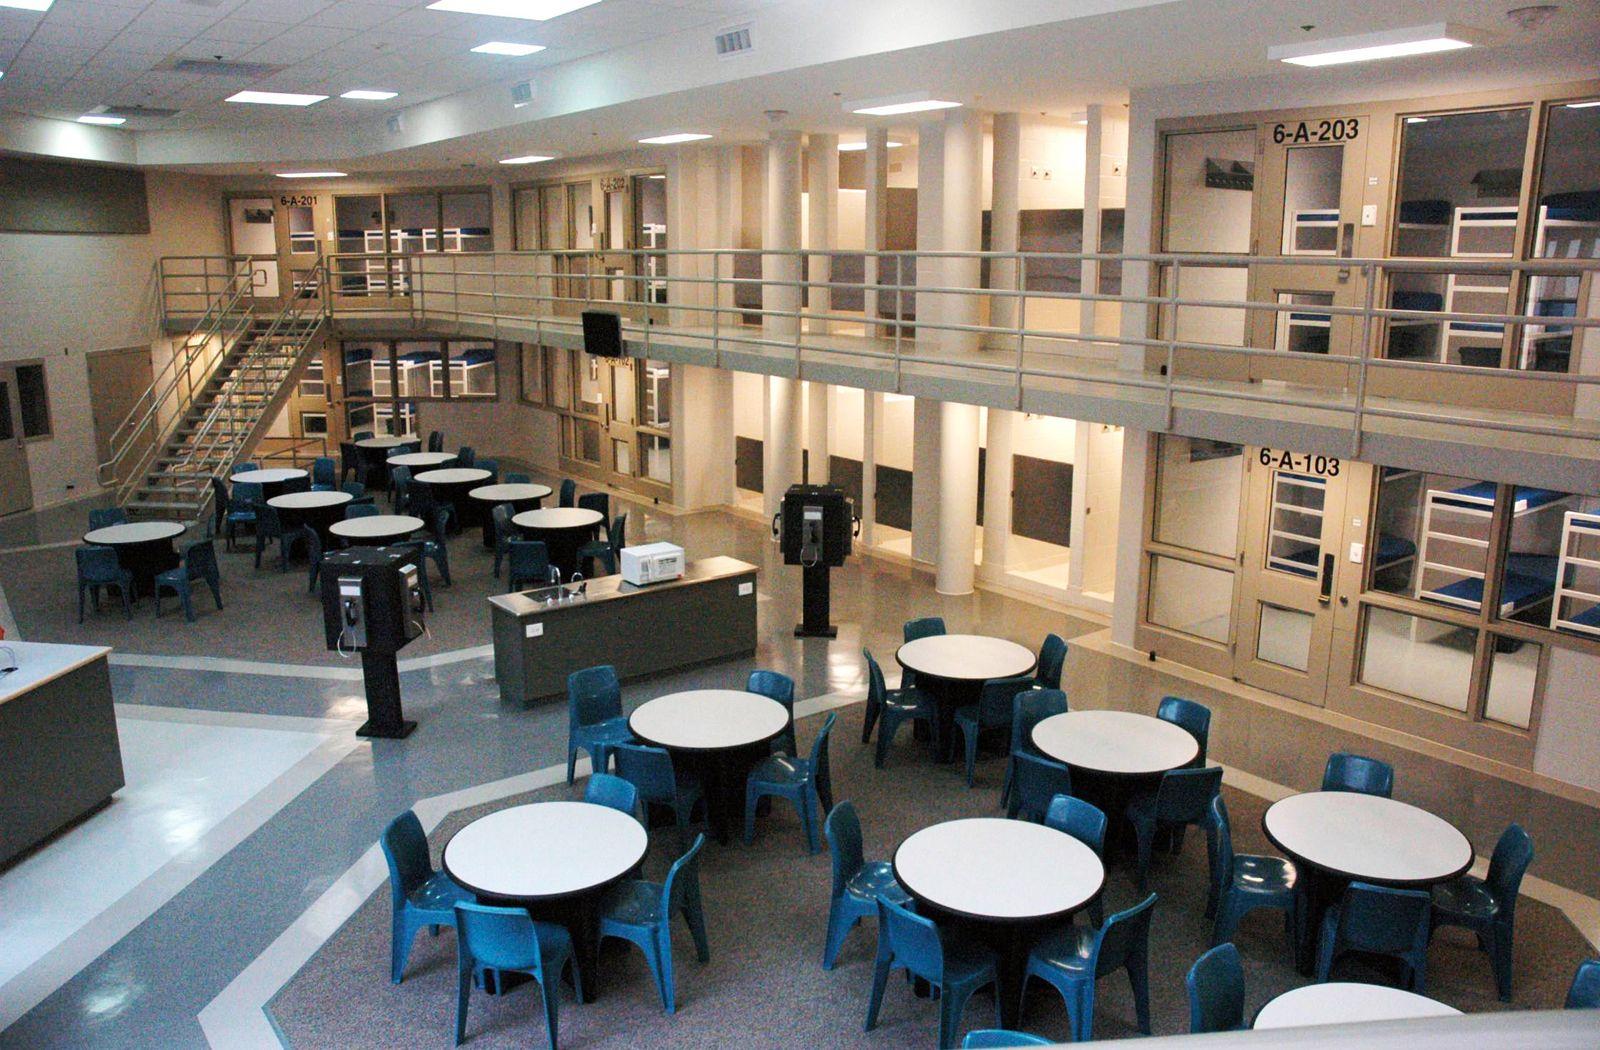 Lubbock County Detention Center - Lubbock, Texas via: rosser